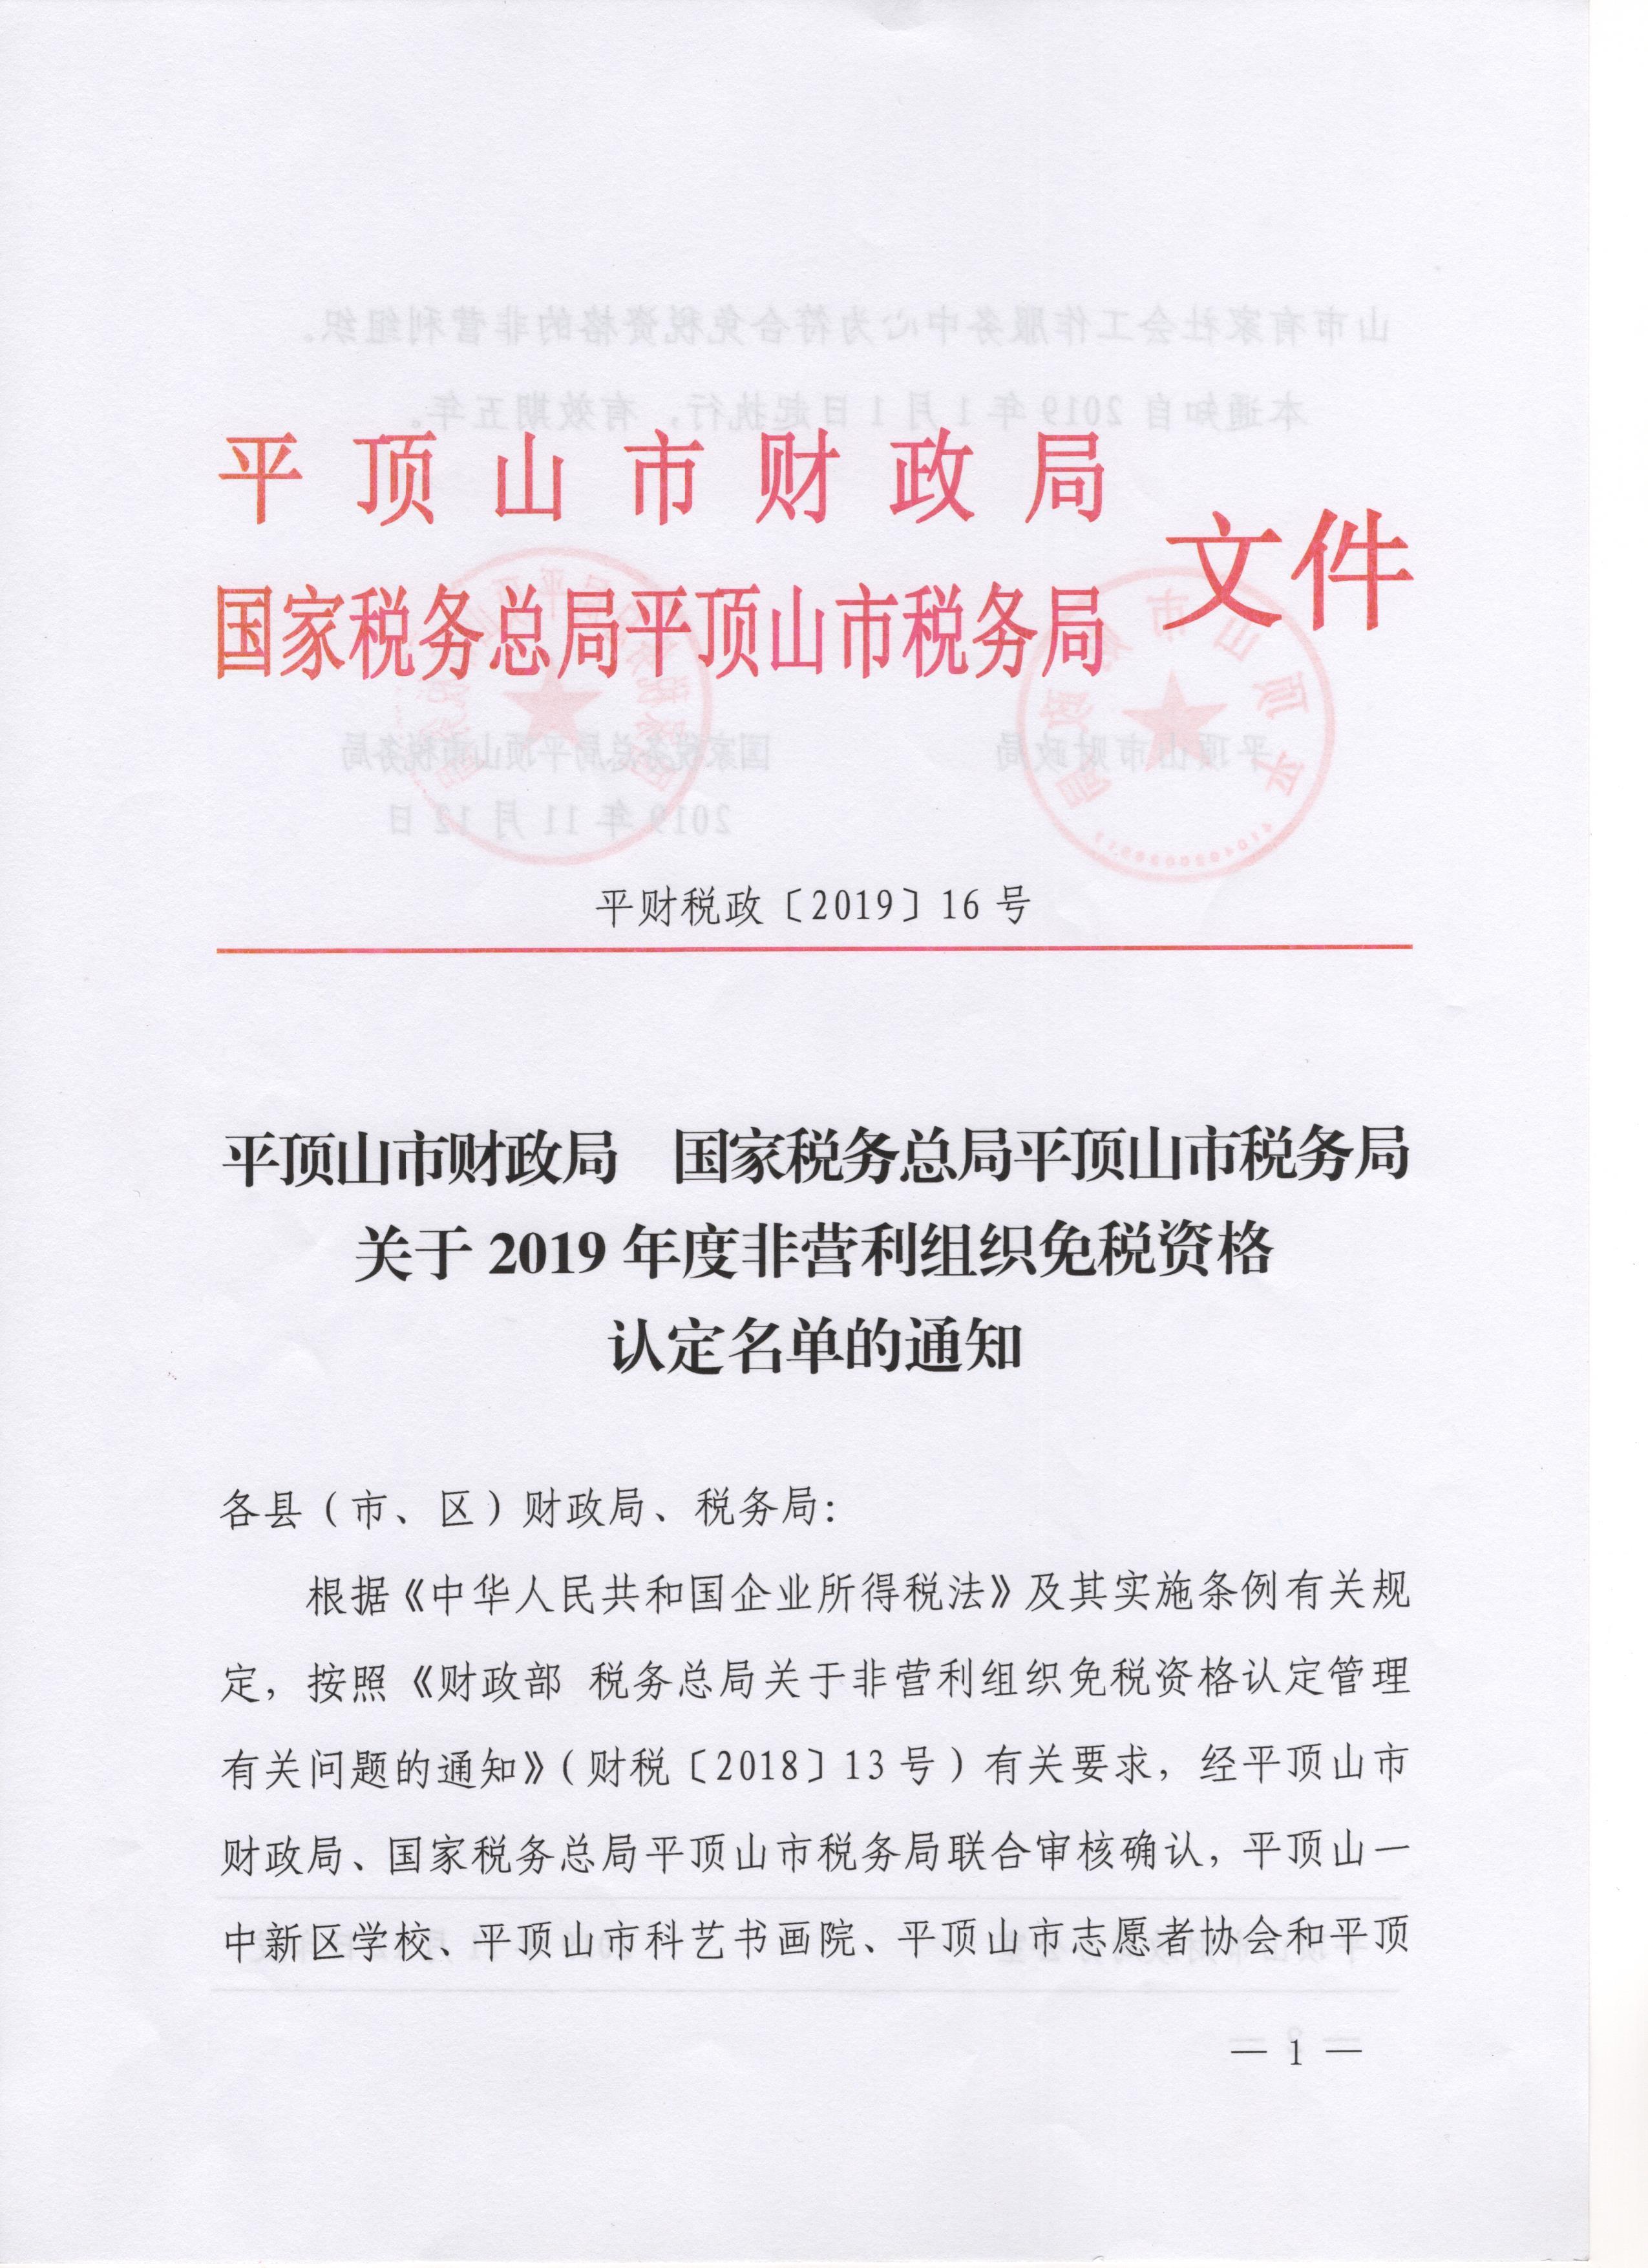 非营利组织免税资格认定1.jpg